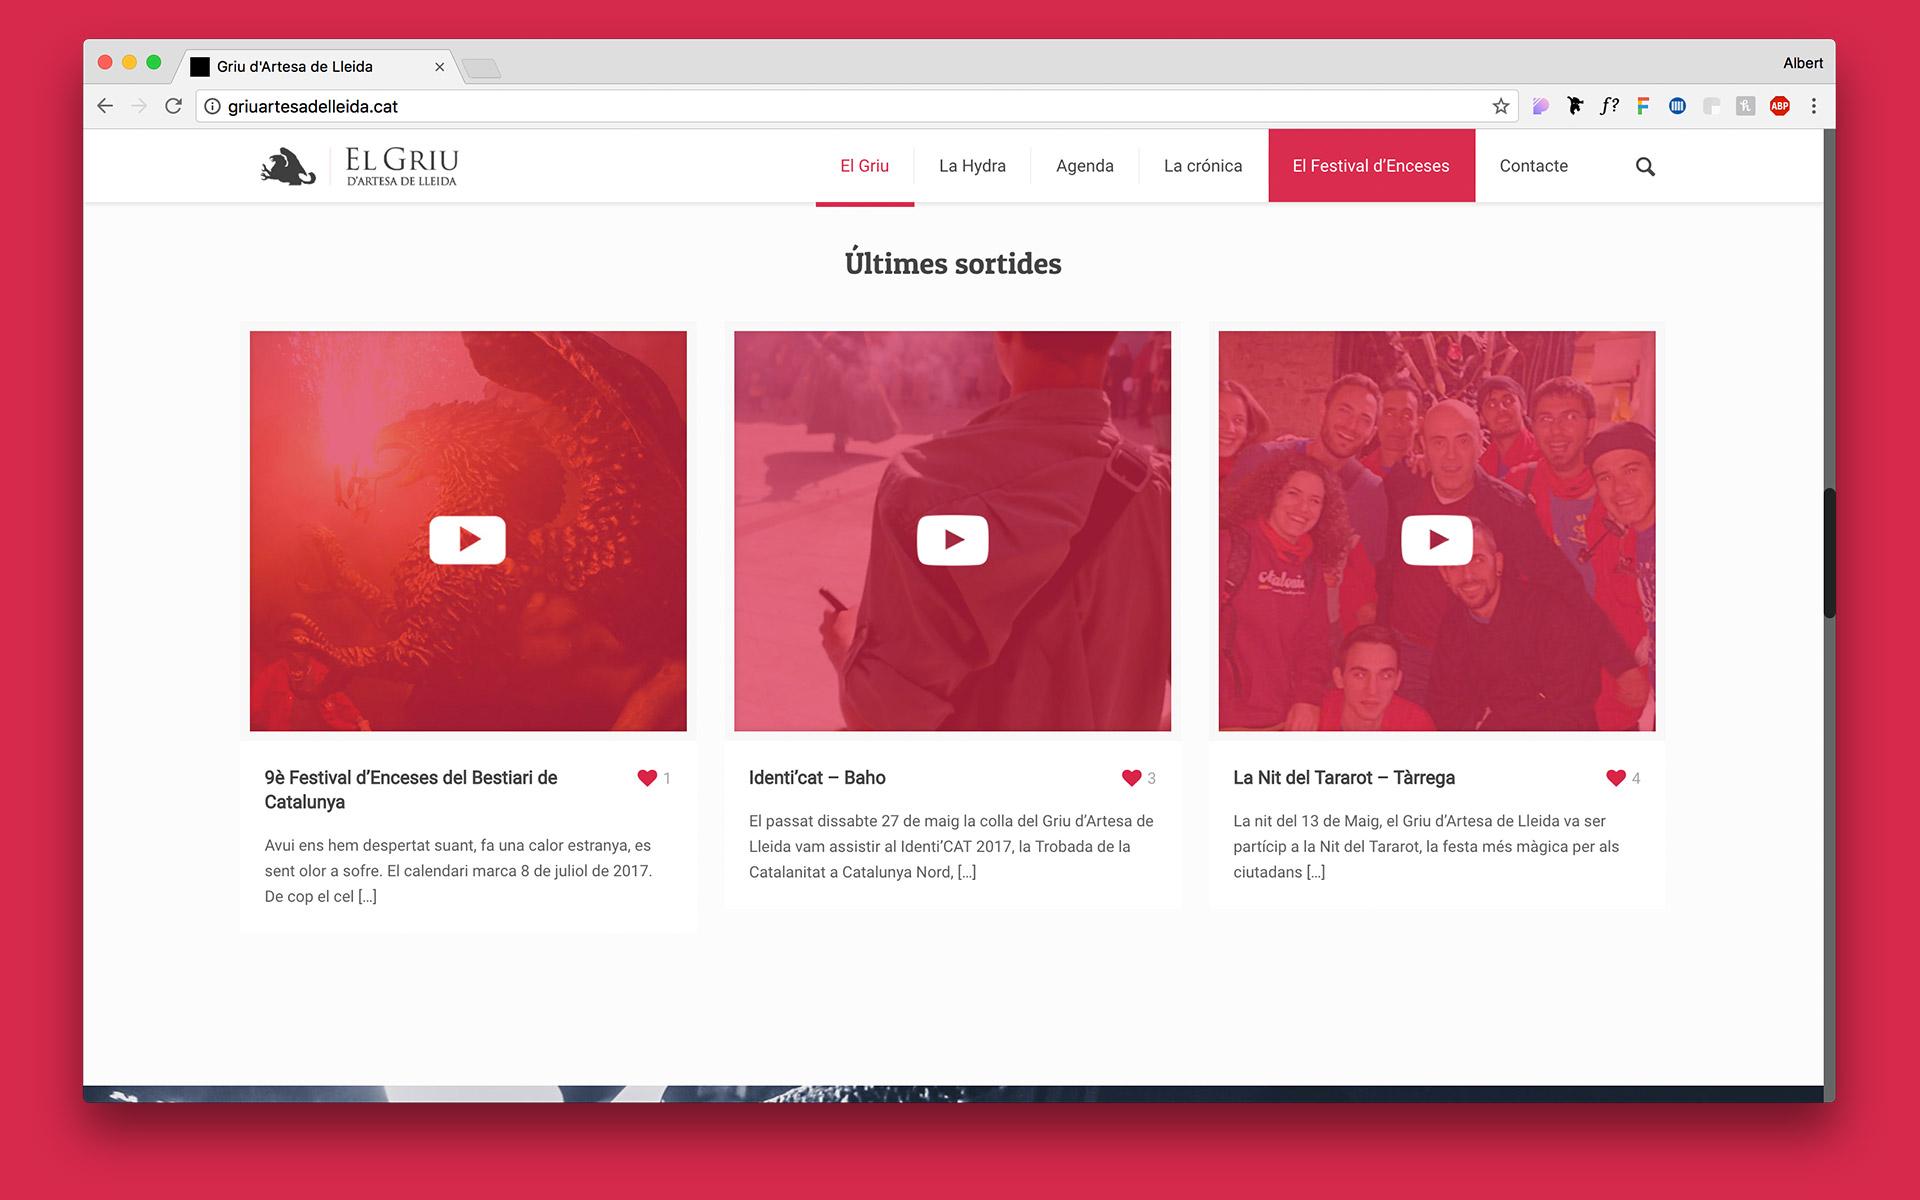 Diseño de la pàgina web para el Griu Artesa de Lleida. Disseny de la pàgina web per al Griu Artesa de Lleida.